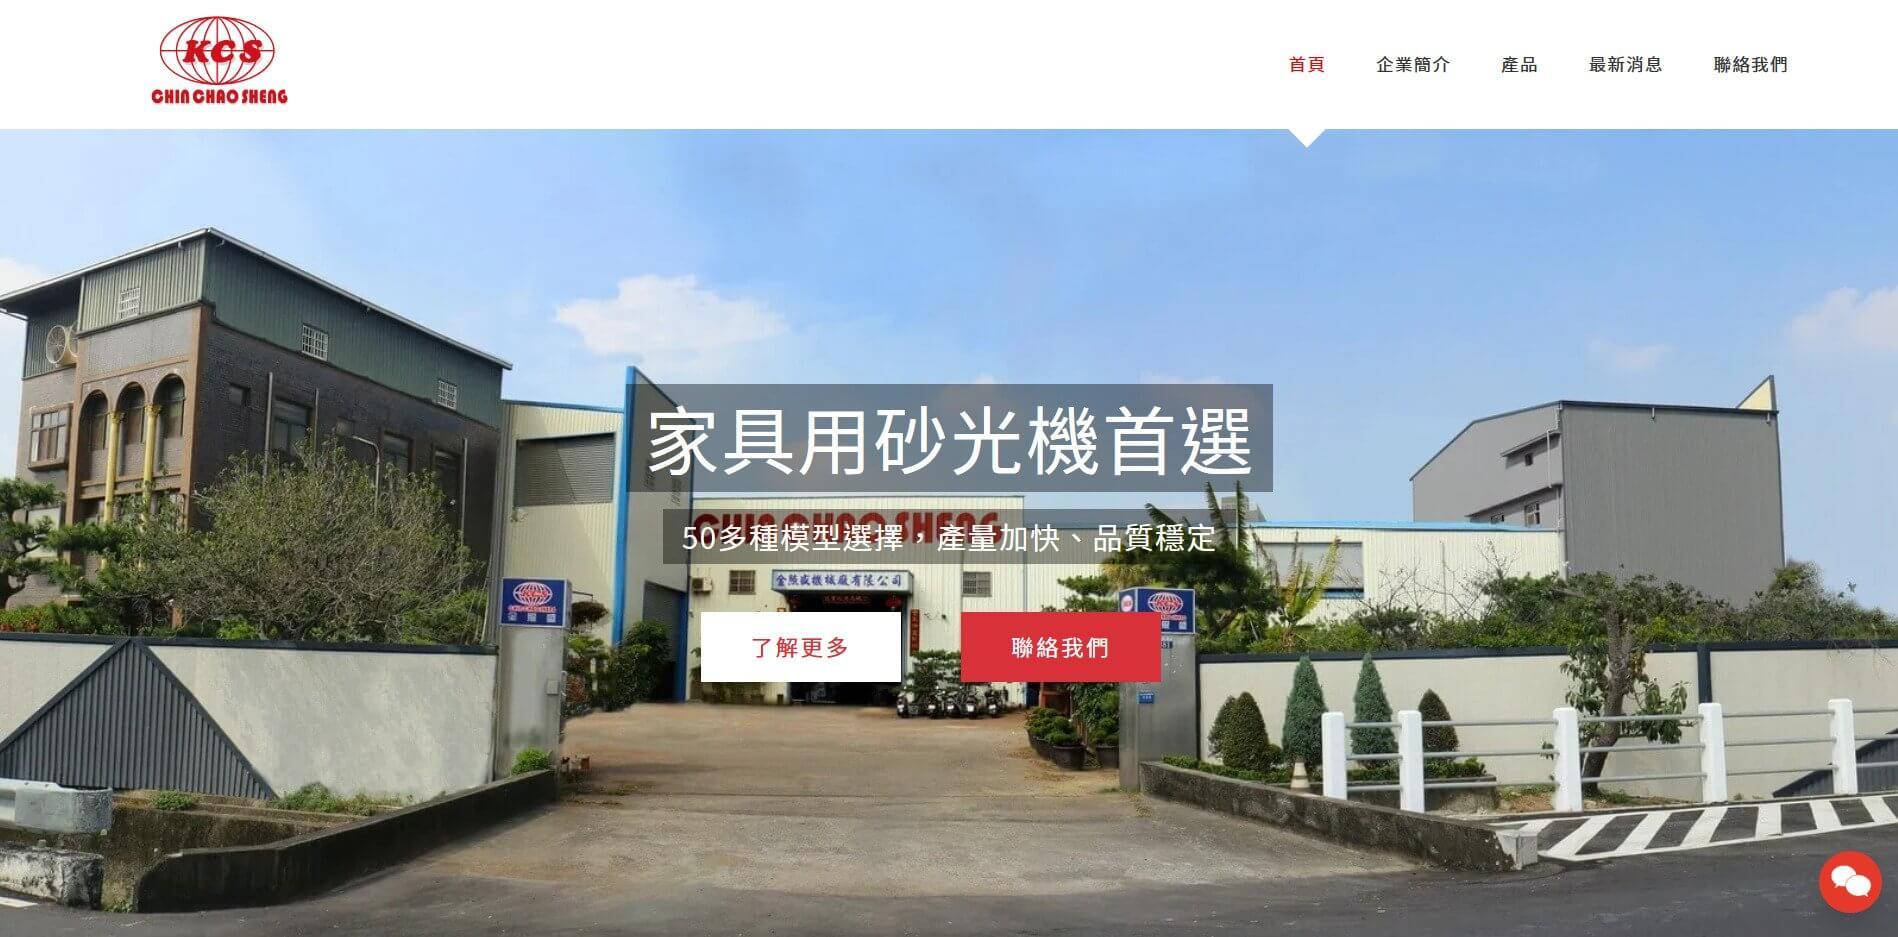 金照盛機械廠有限公司(2)